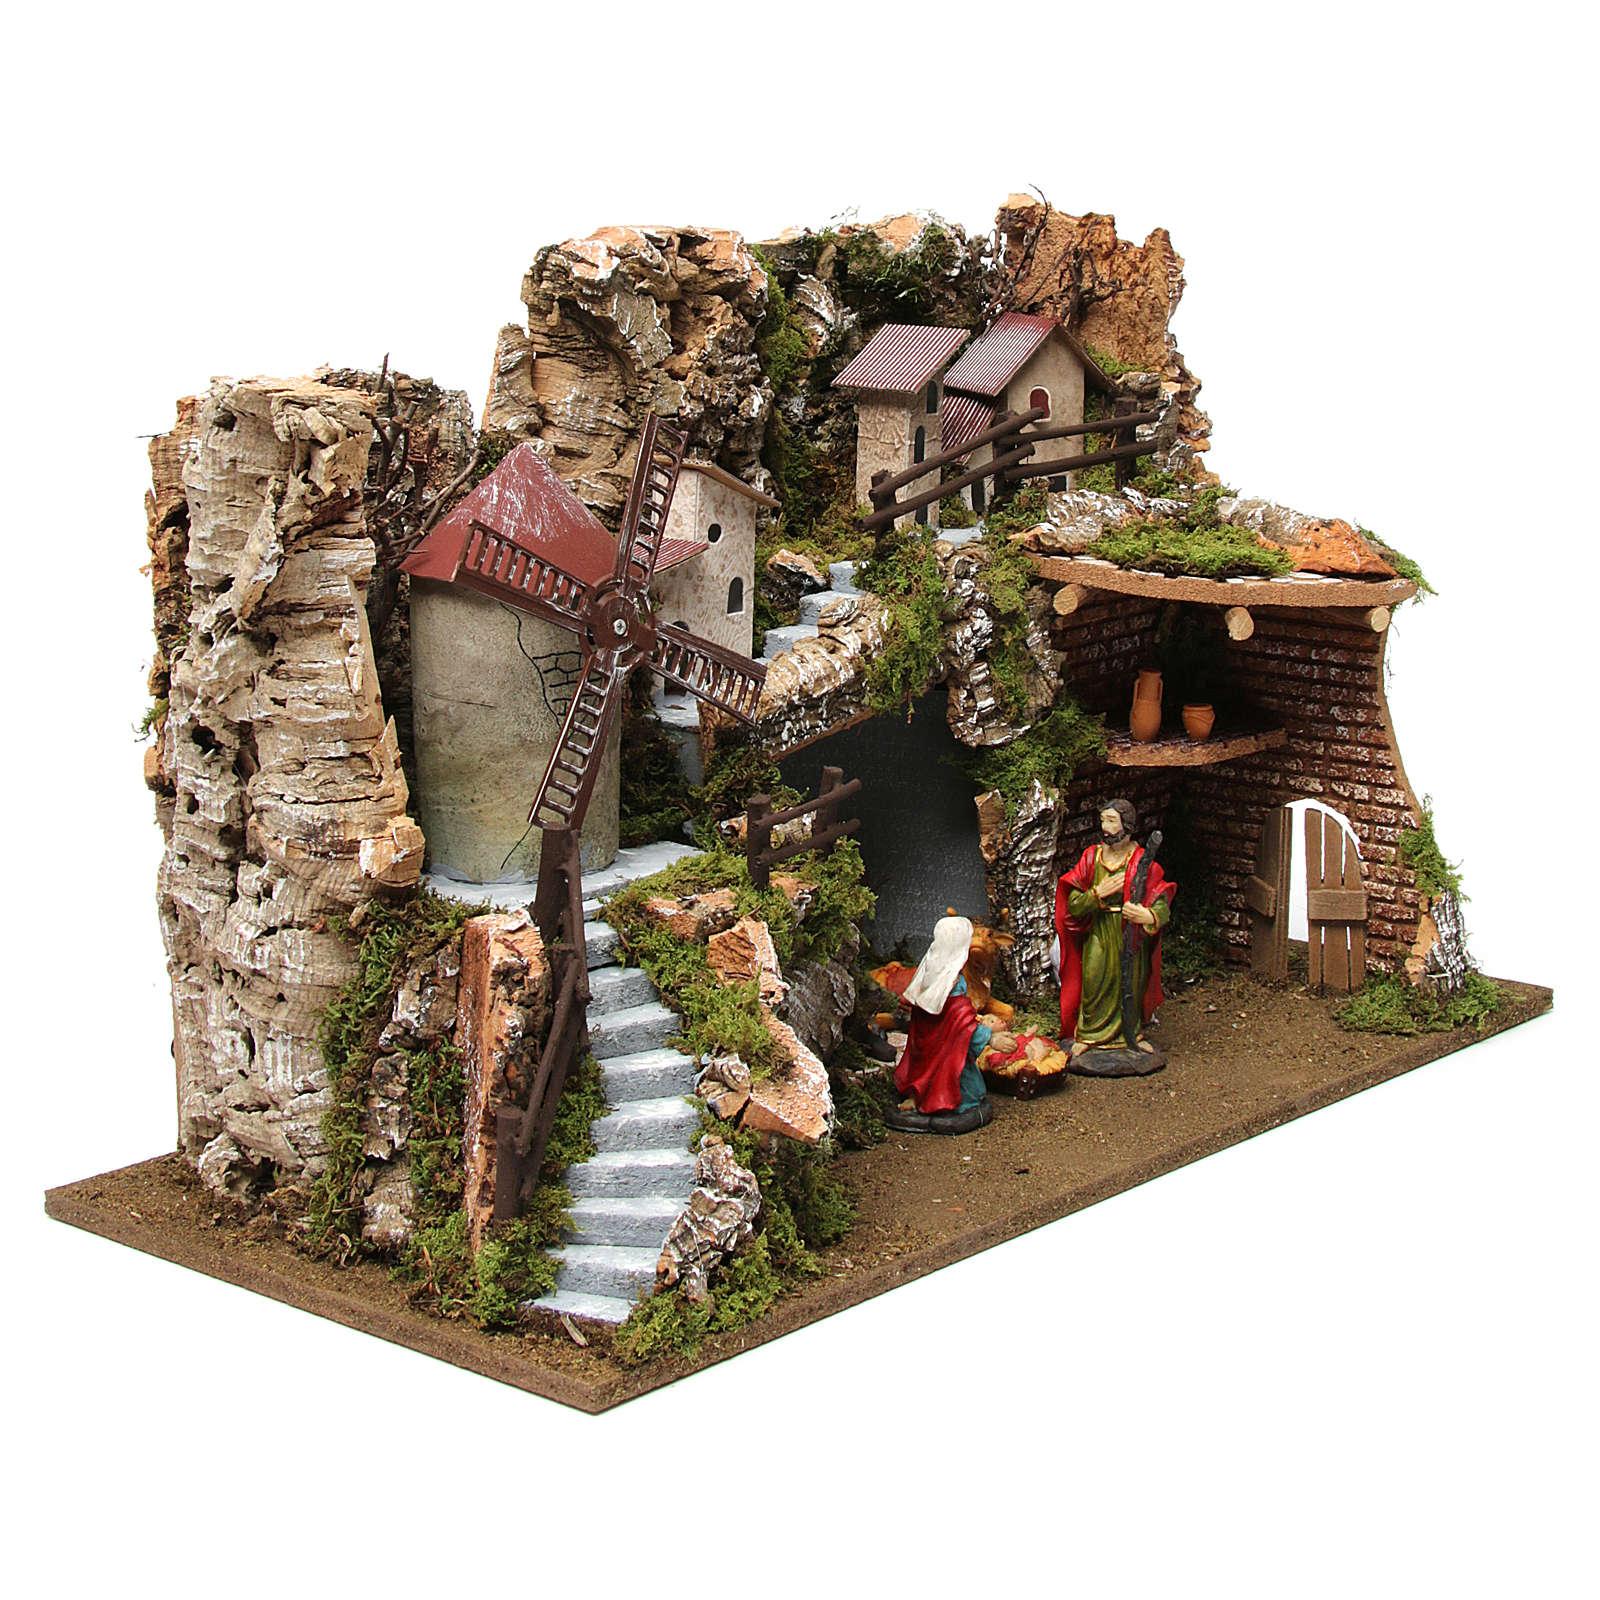 Capanna borgo presepe con mulino a vento 38x56x30 cm 4